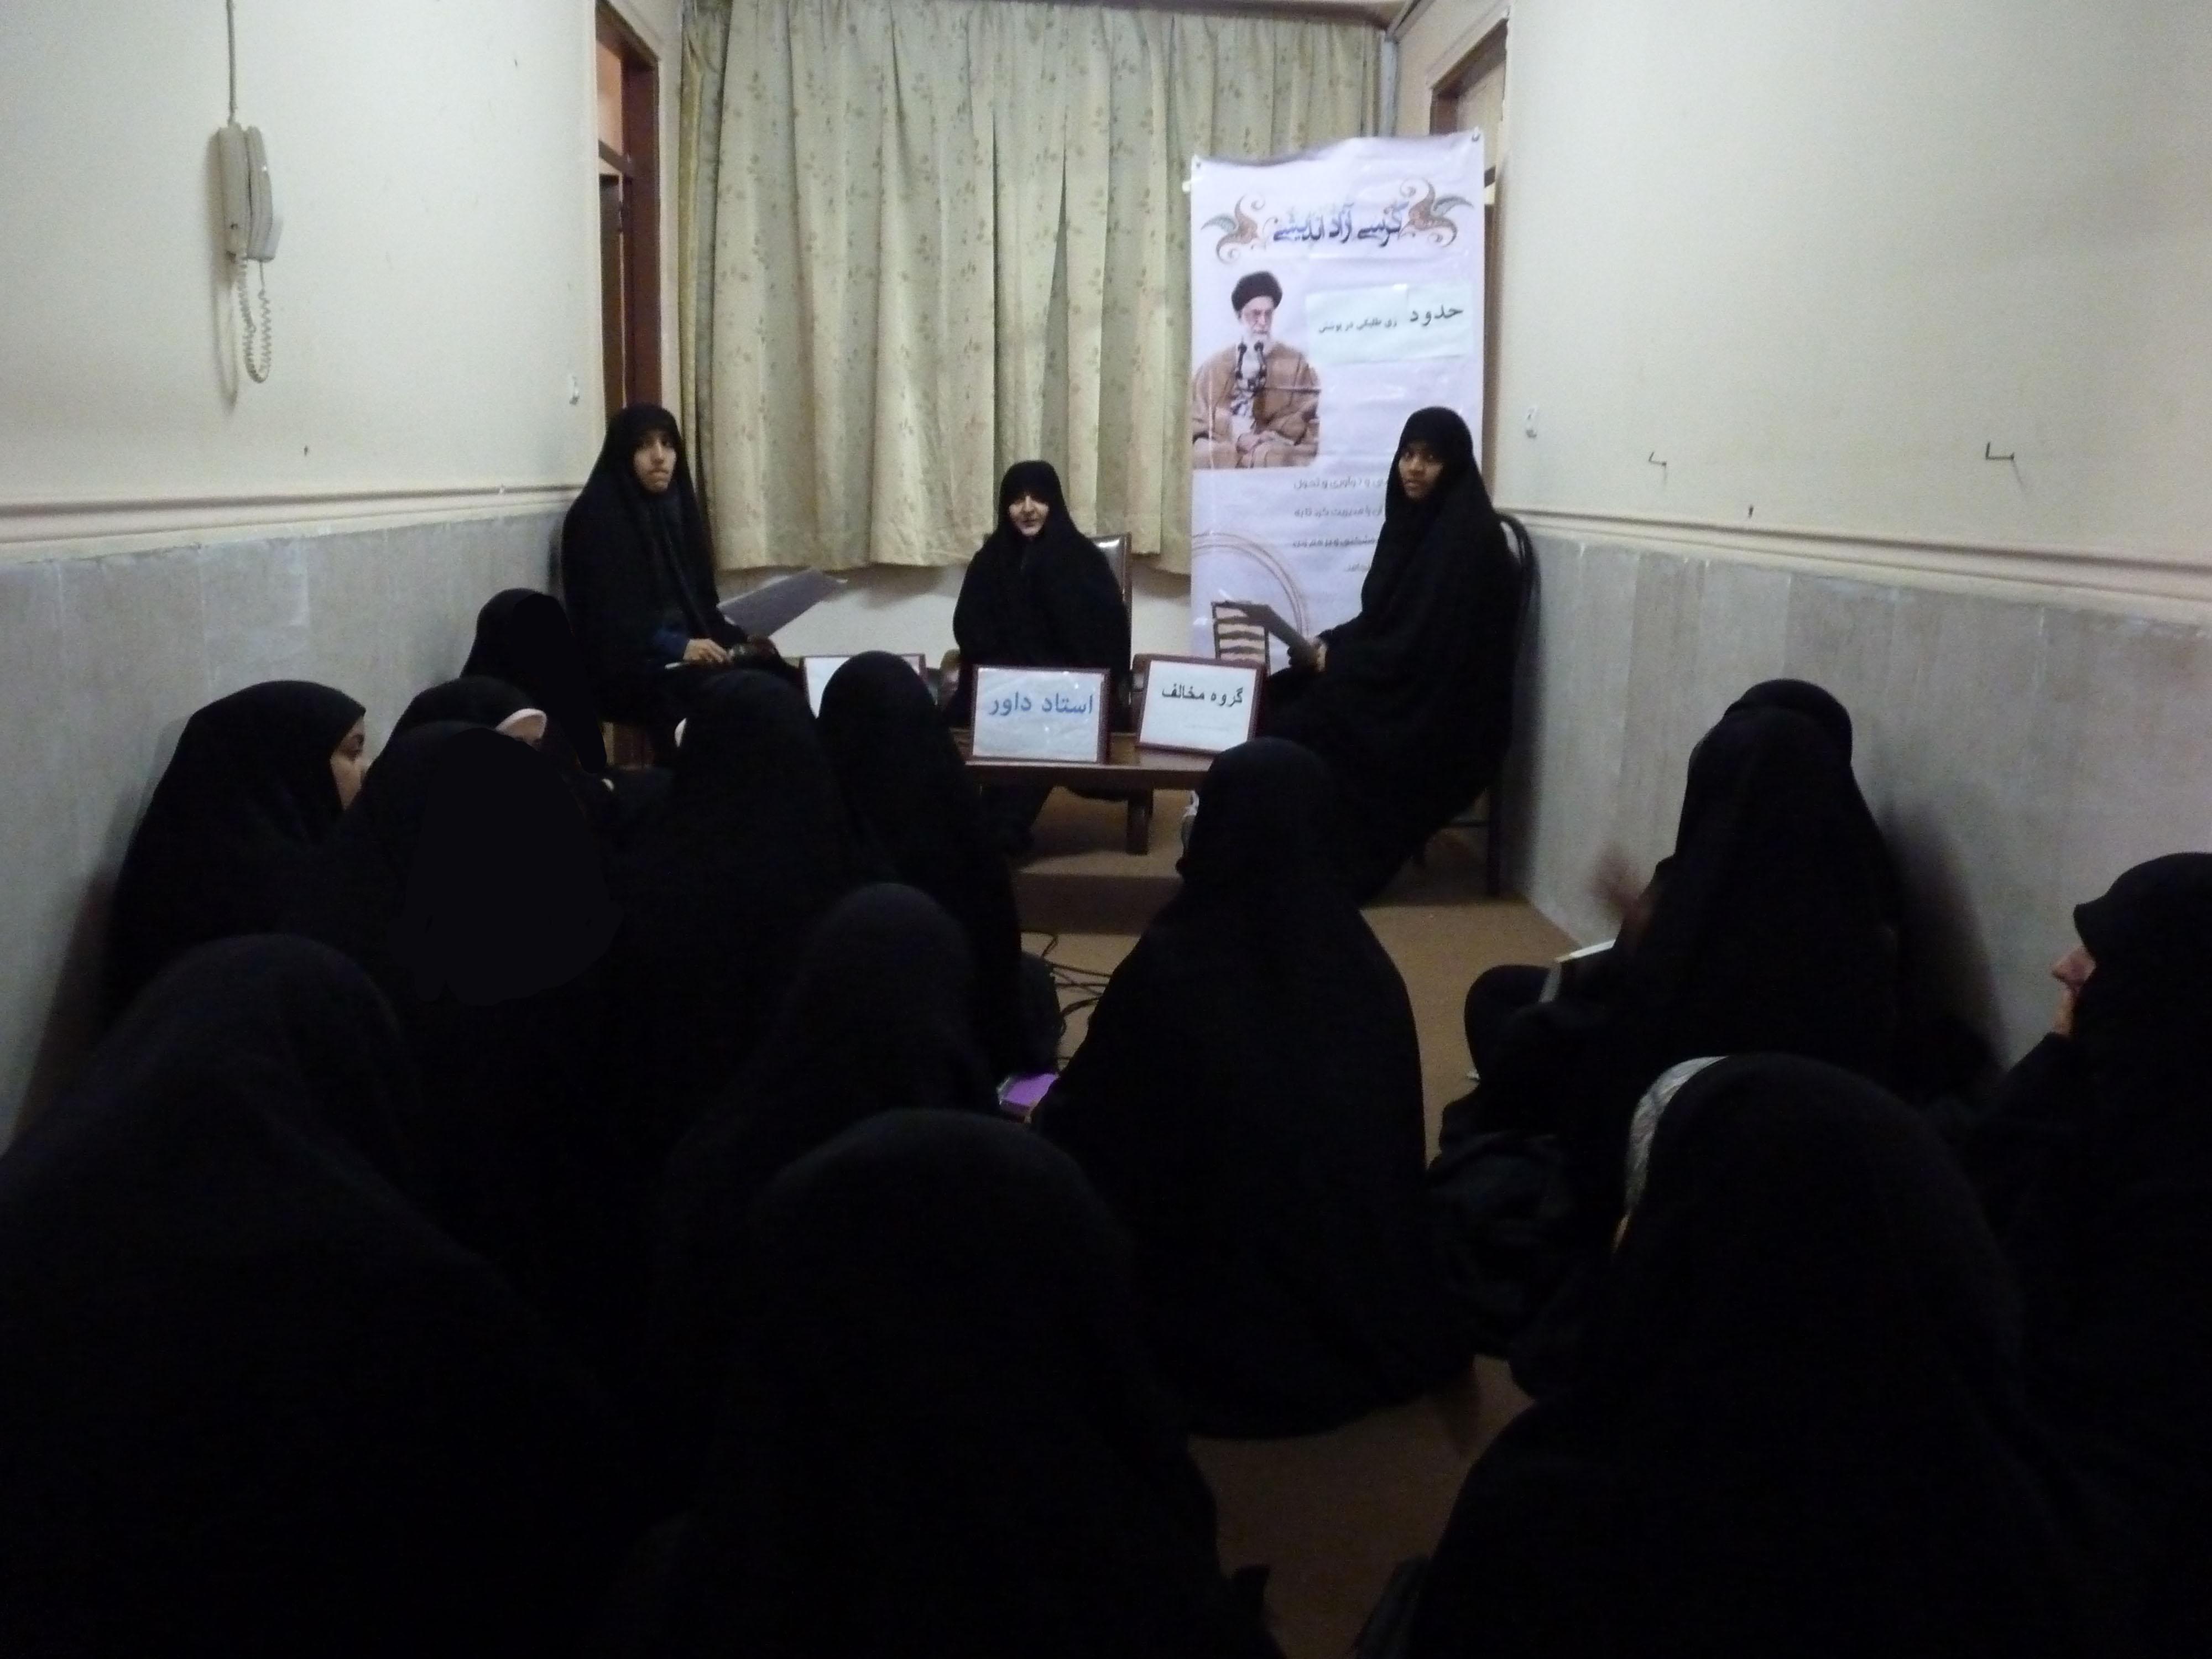 برگزاري كرسي آزاد انديشي (حجاب زي طلبگي) در مدرسه علميه الزهرا(۰س)۹ بندرعباس